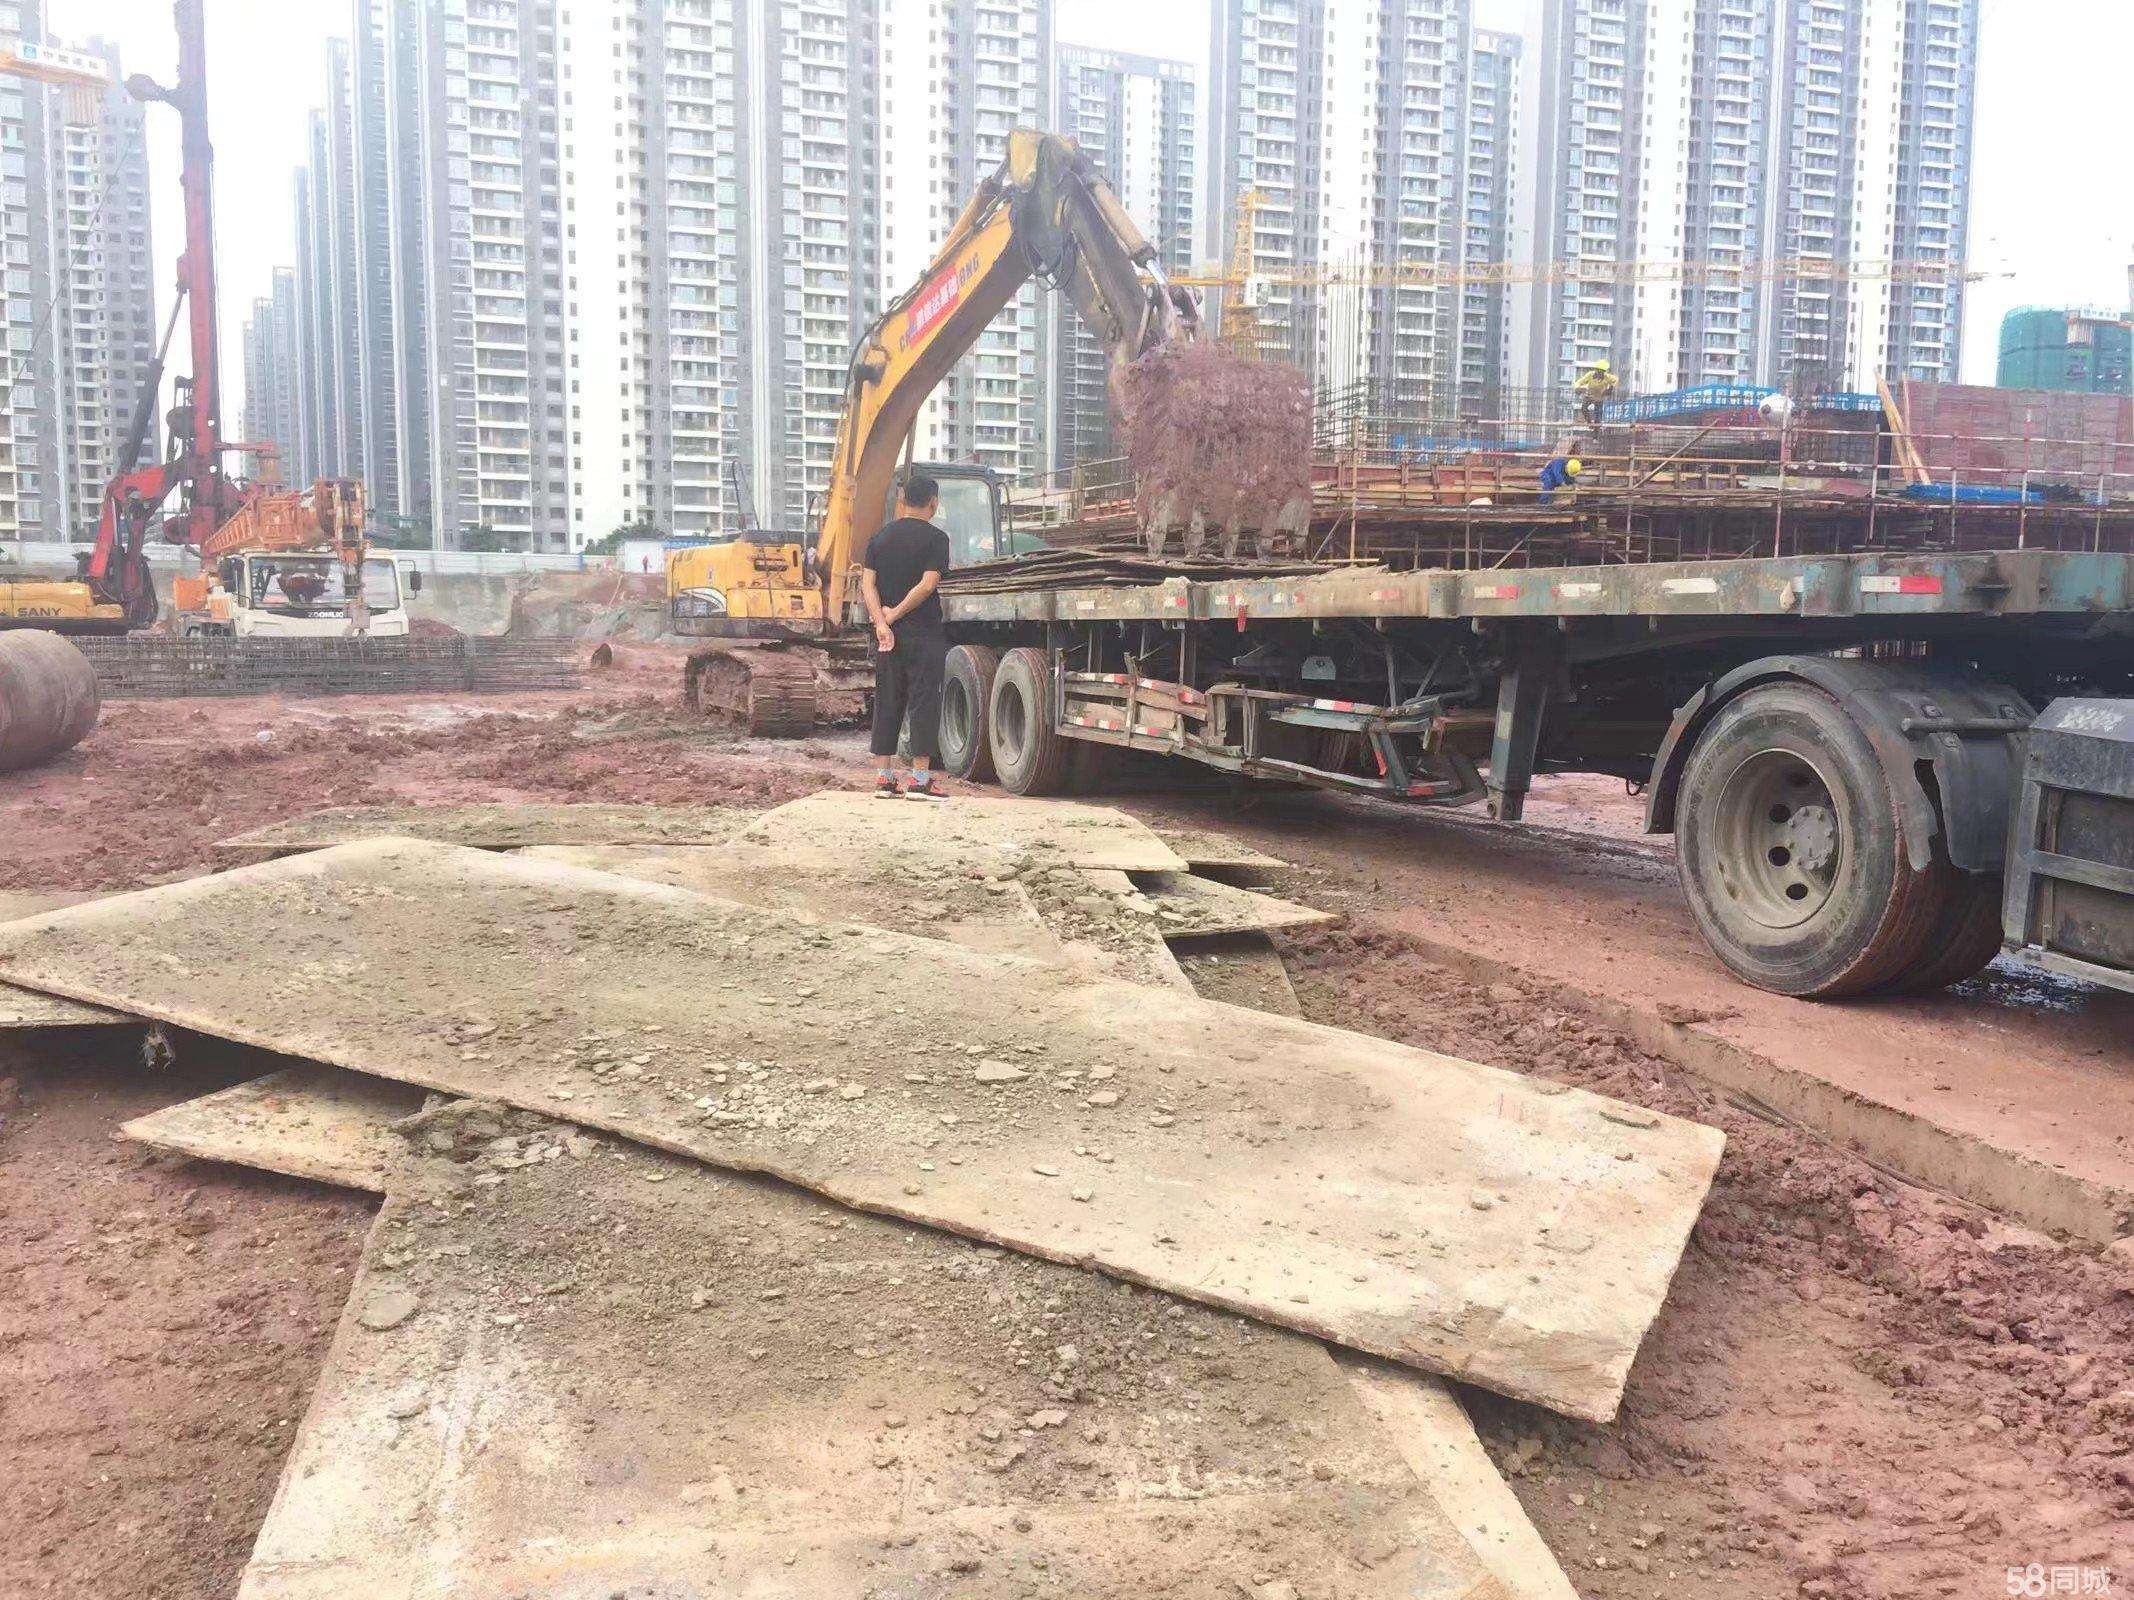 成都都江堰道路钢板出租多少钱能租到-成德顺钢板出租-行业设备社区